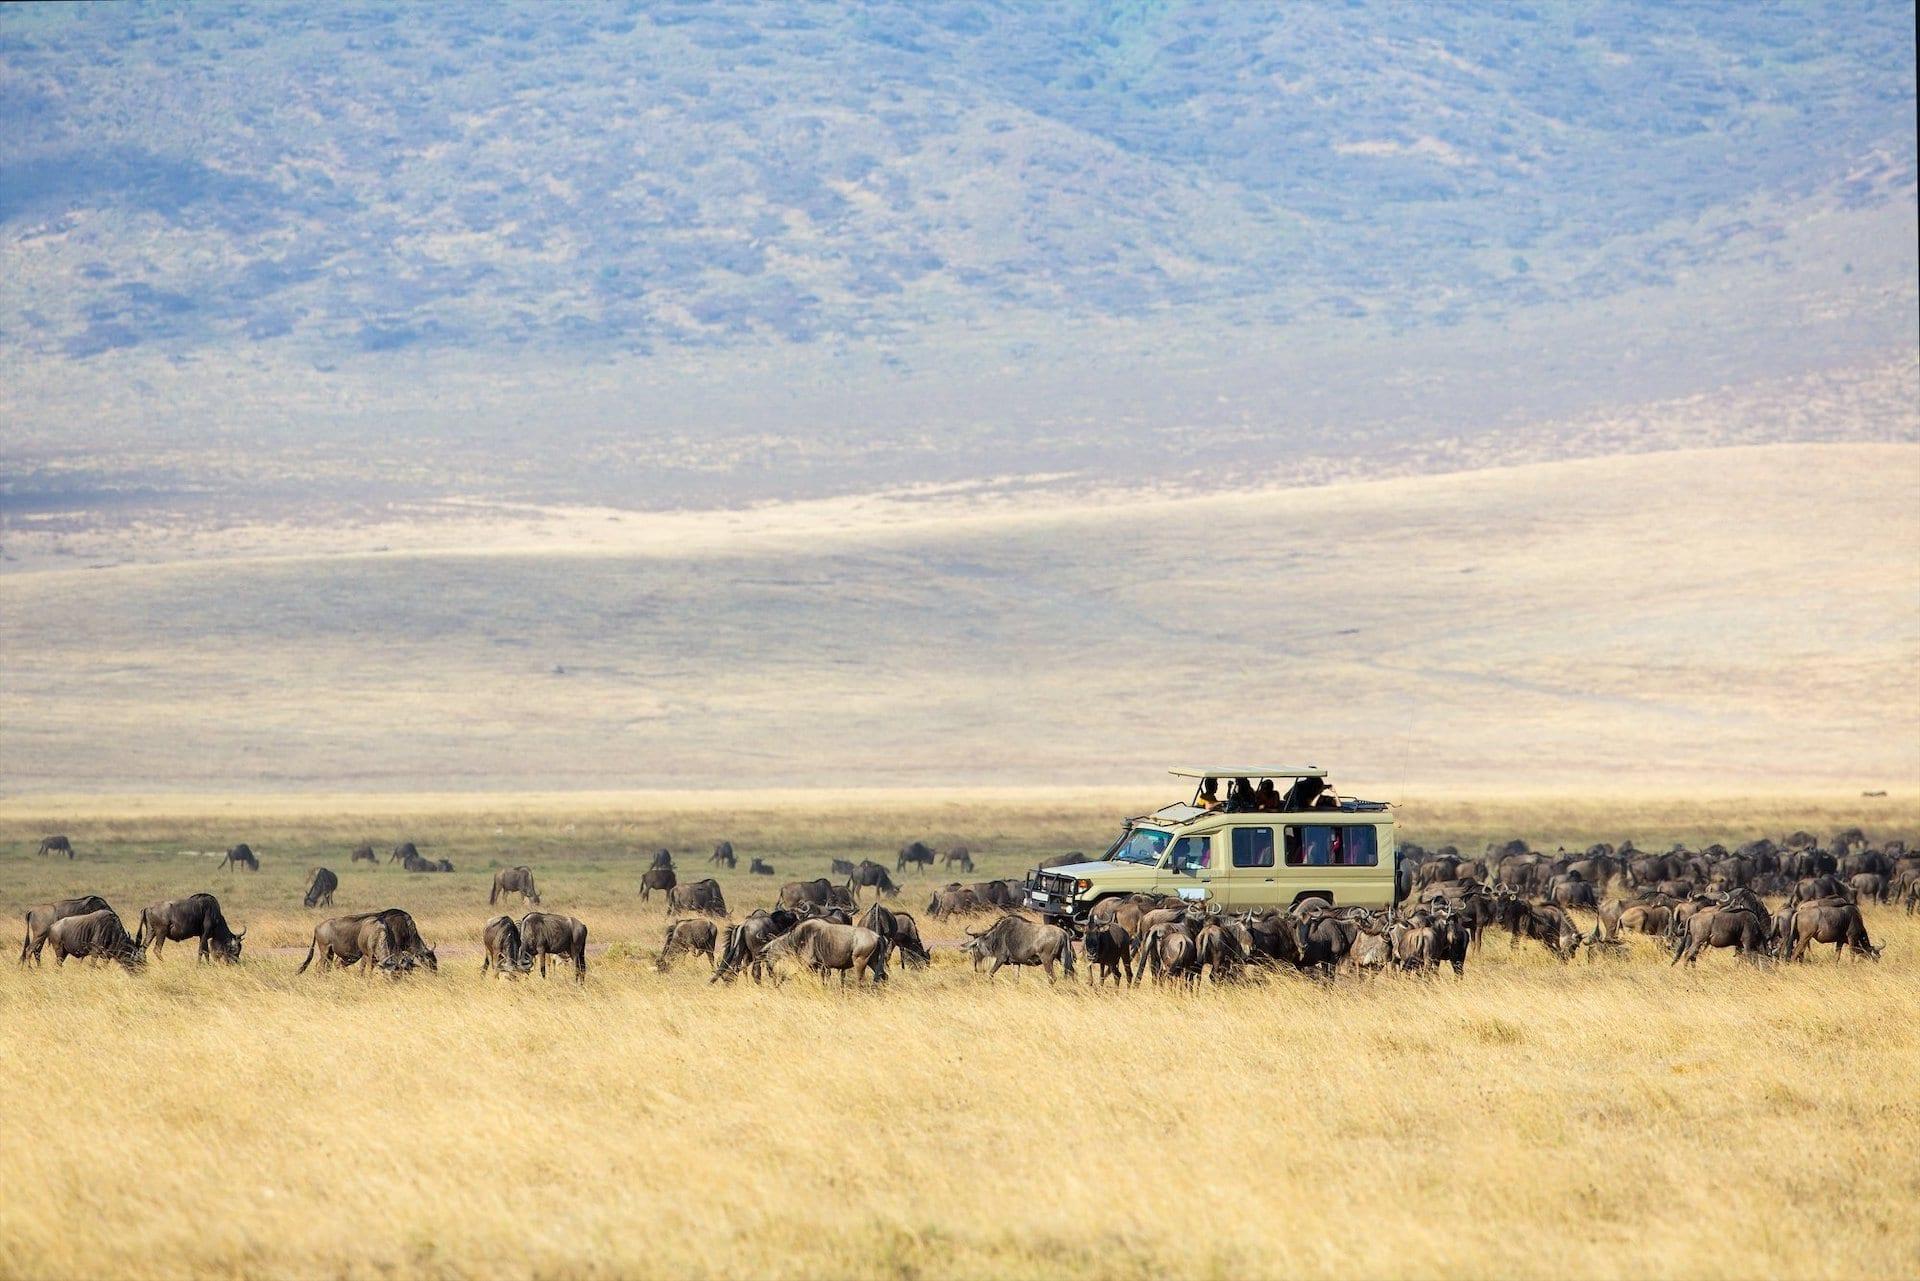 # FOTO -Safari Tanzania - 92332428_10158343327194171_5957269362111938560_o